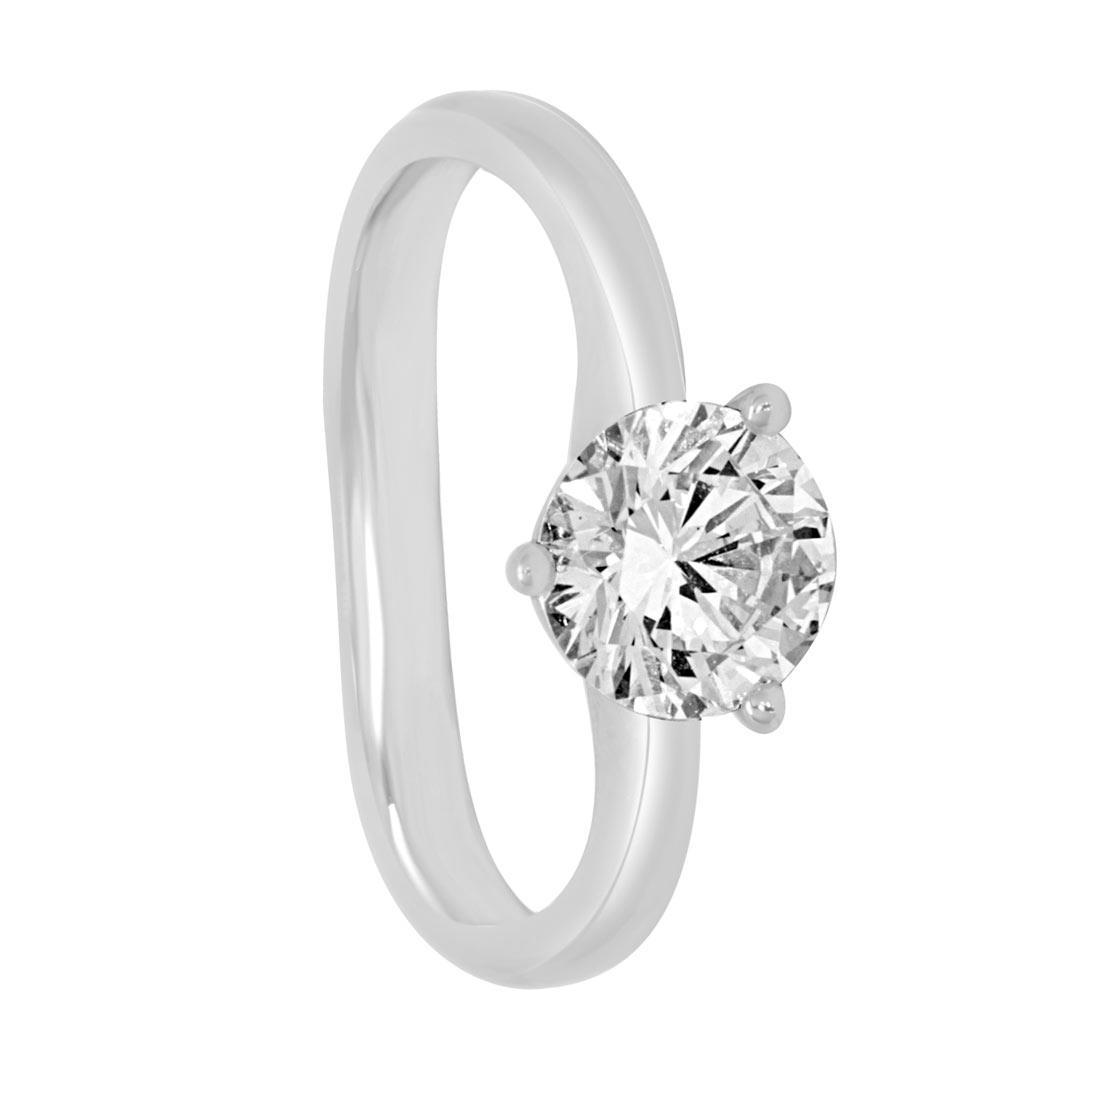 Anello Oro & Co in oro bianco con diamante ct 1,31  misura 13 - ORO&CO